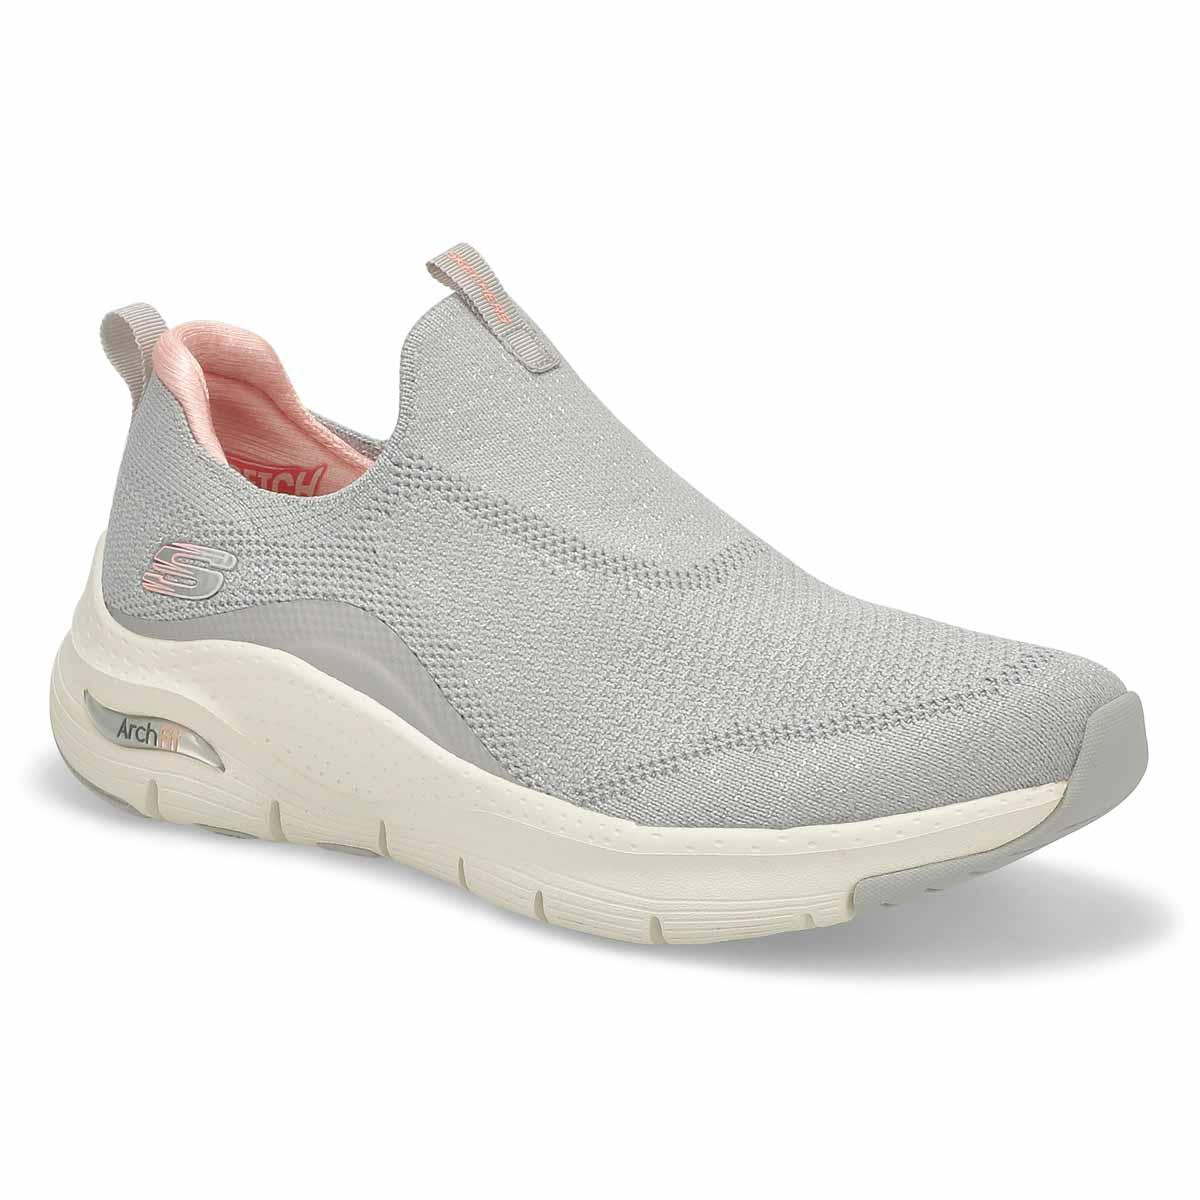 Women's Arch Fit Sneaker - Light Grey/Pink